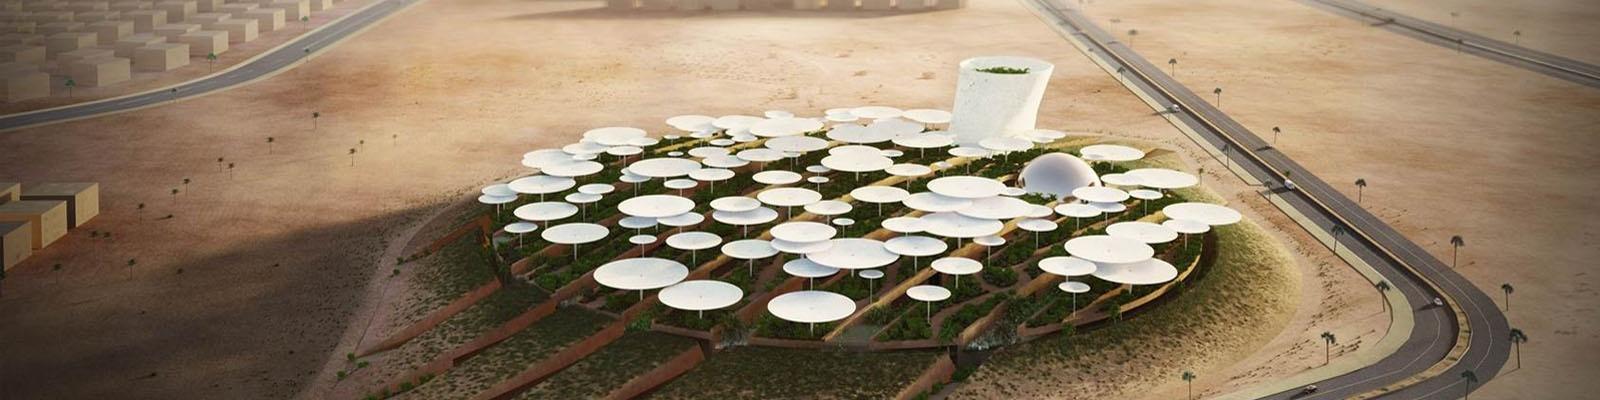 Résultats du Concours International d'Architecture de la Cité des Sciences